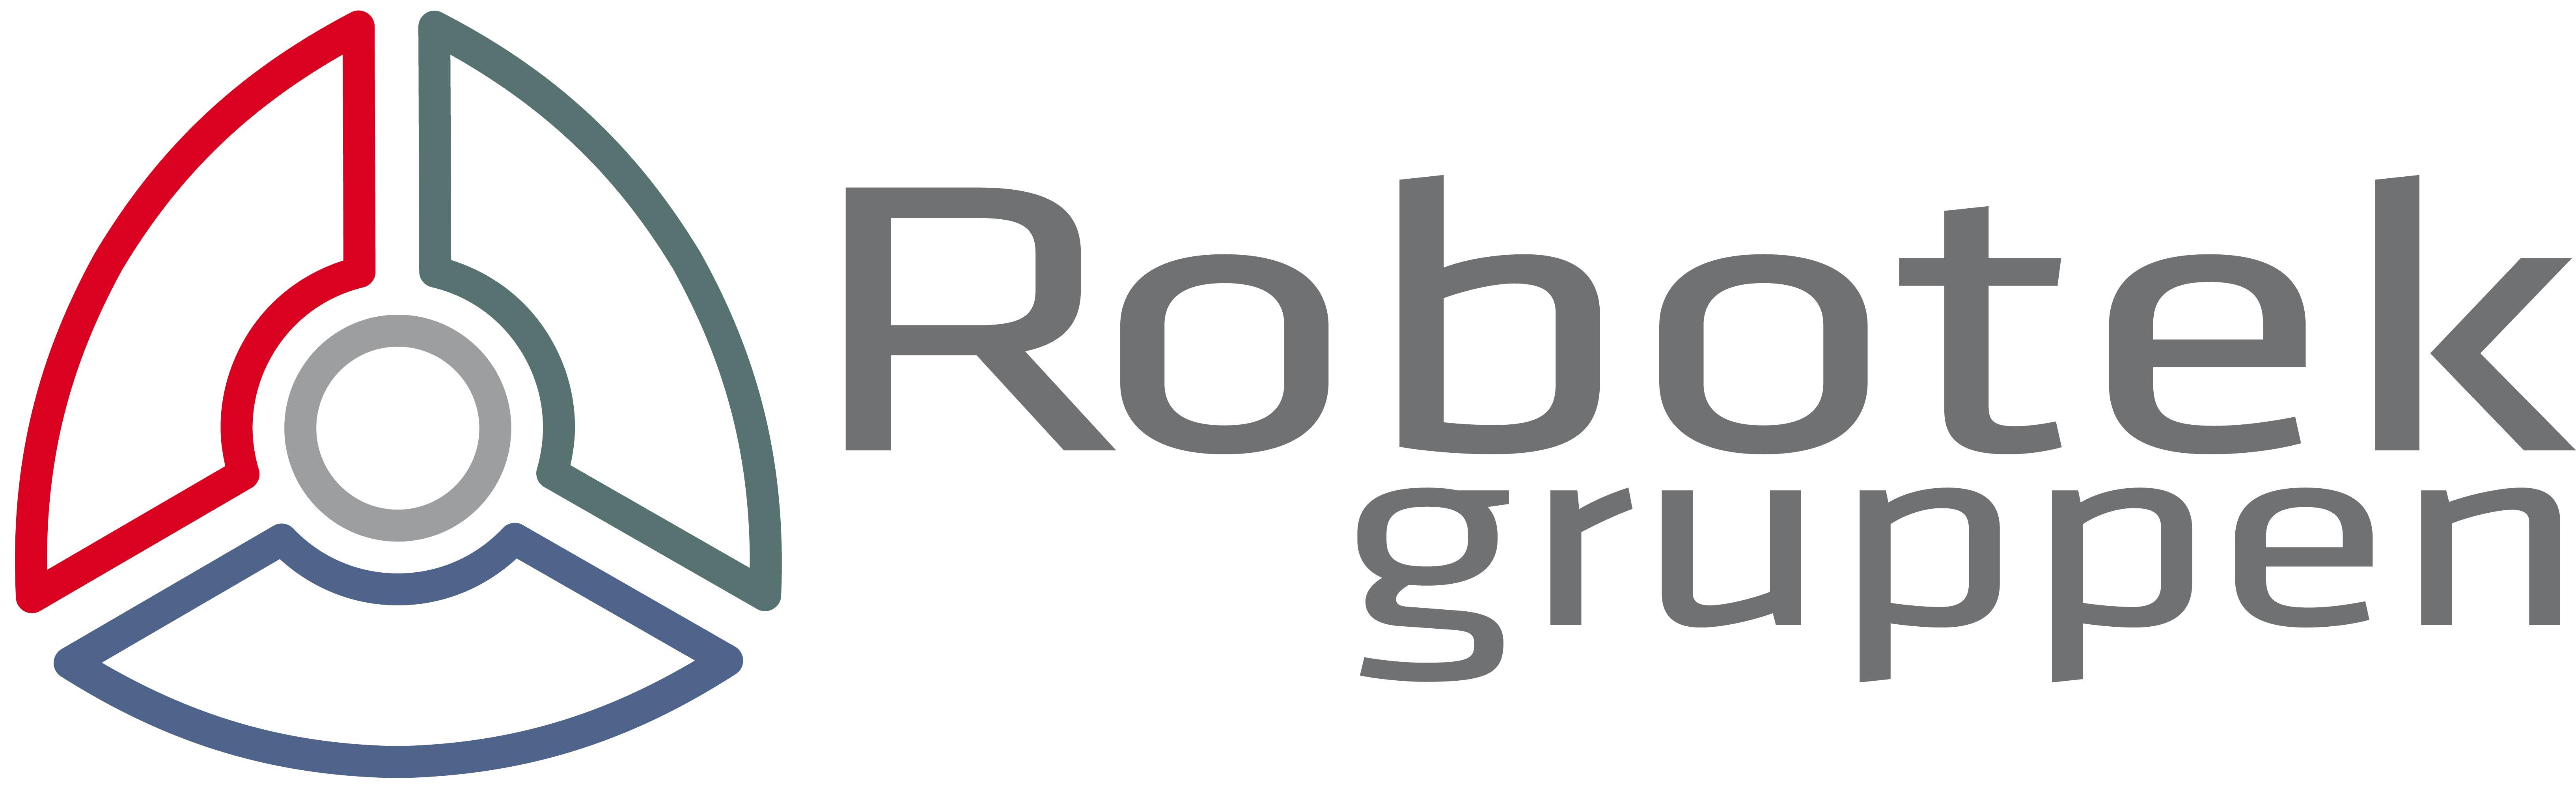 Robotek gruppen - DK